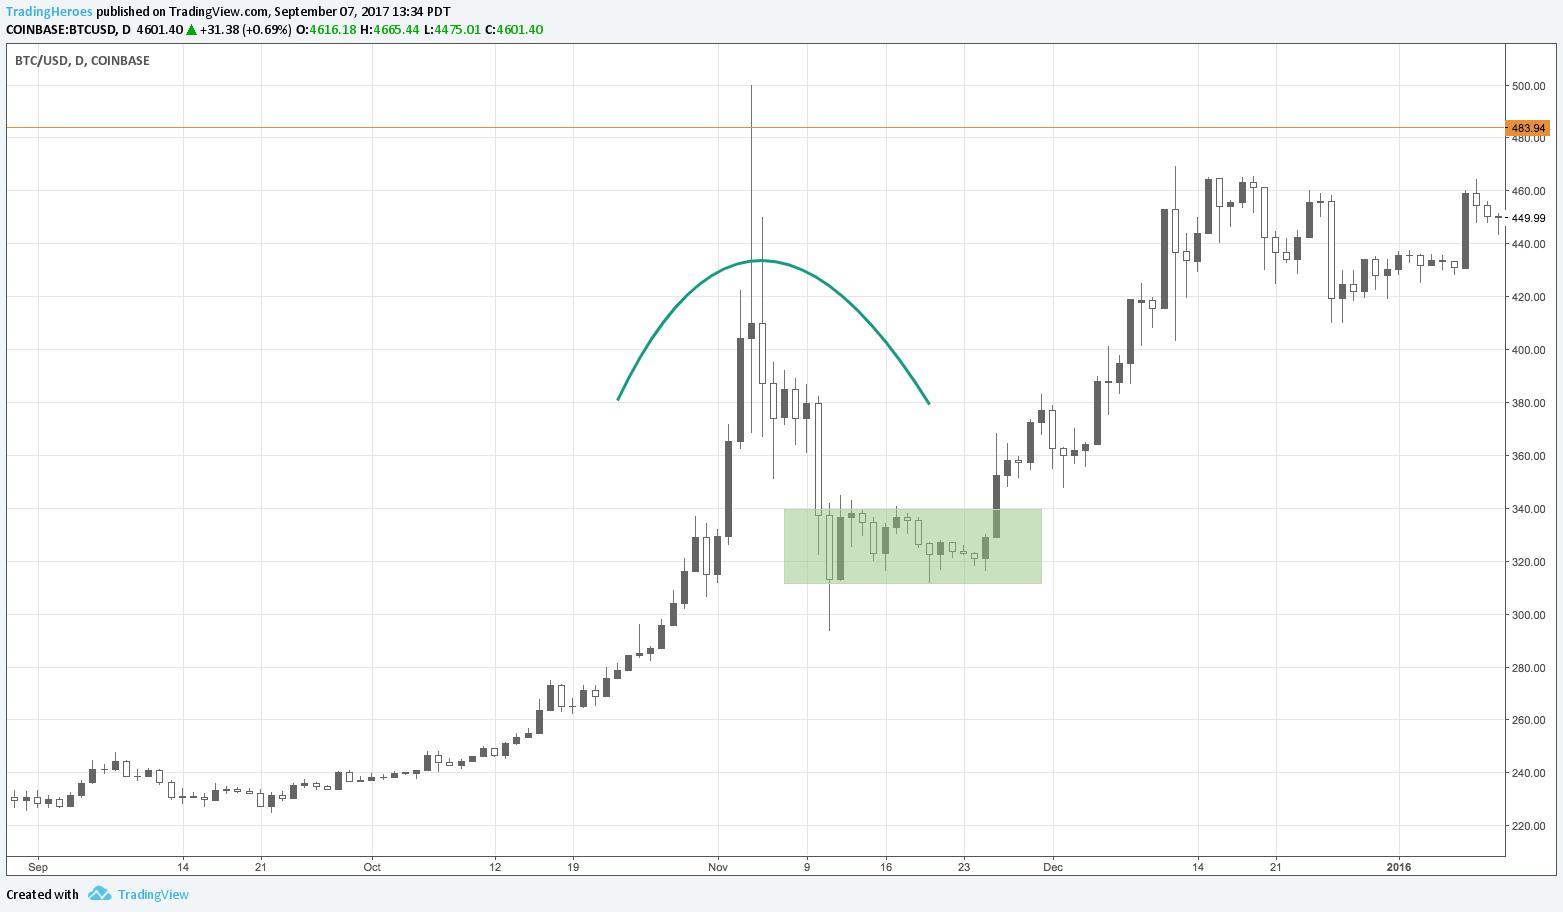 BTC spike chart